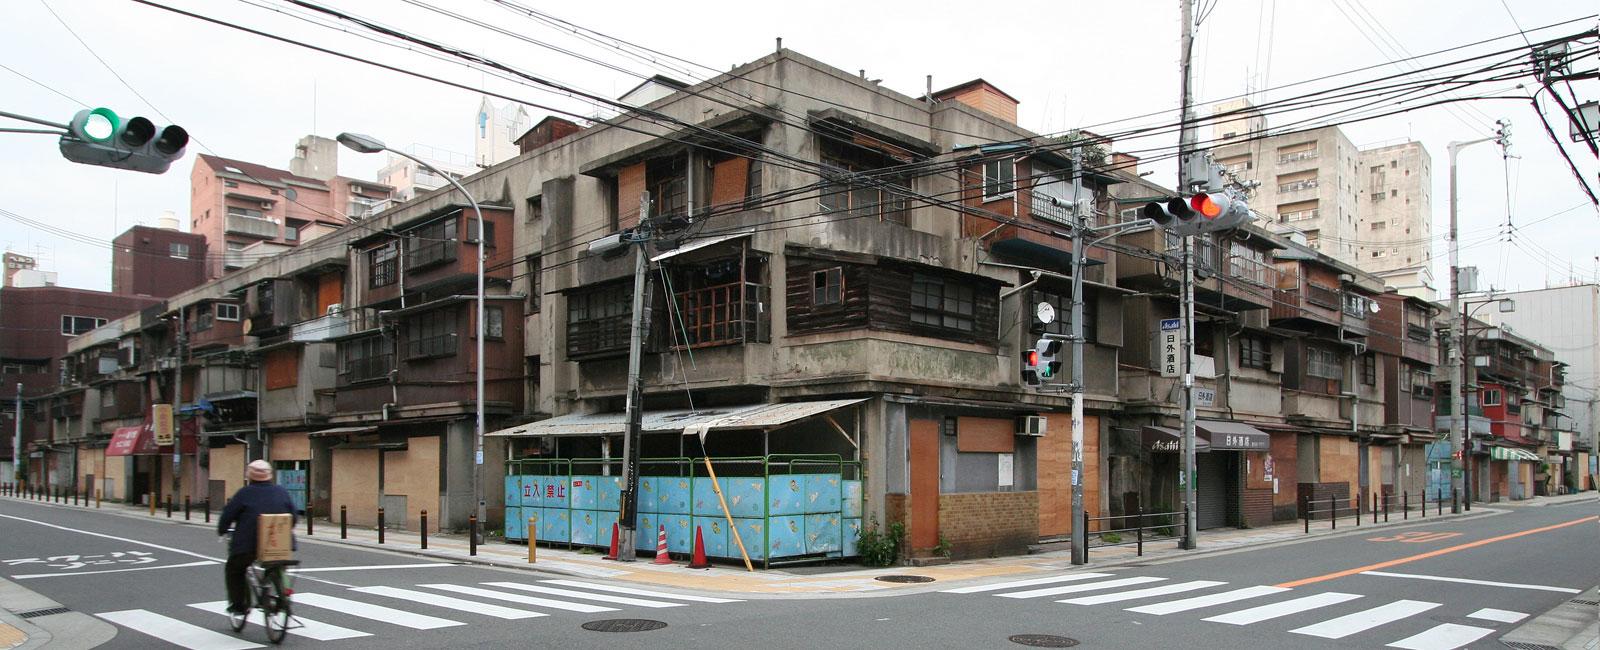 あなたの建物は旧耐震基準?重要事項説明書の「建物の耐震診断の結果」とはなにか